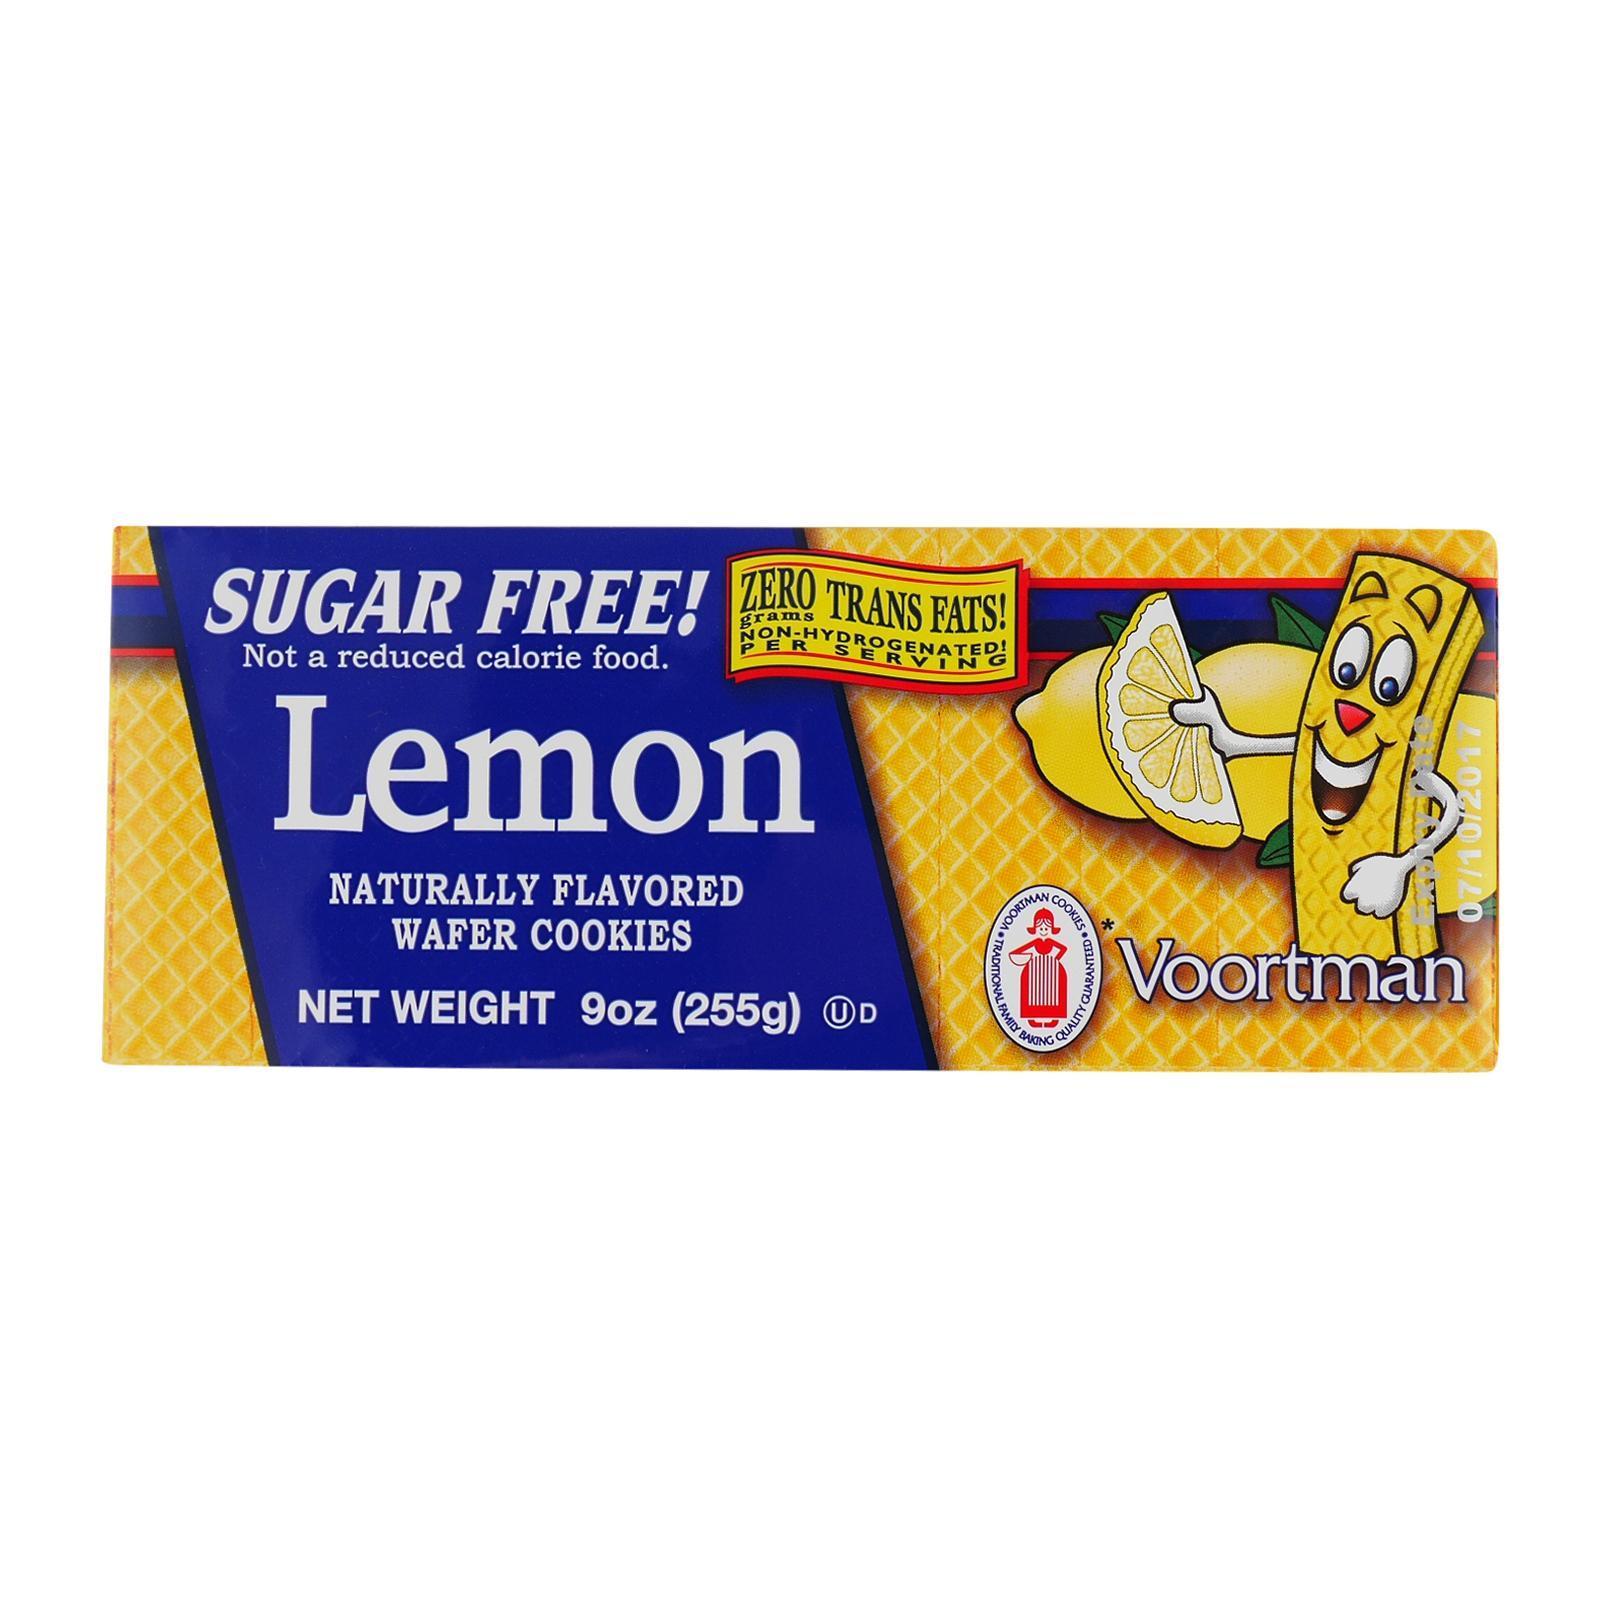 Voortman Sugar Free Lemon - By Wholesome Harvest